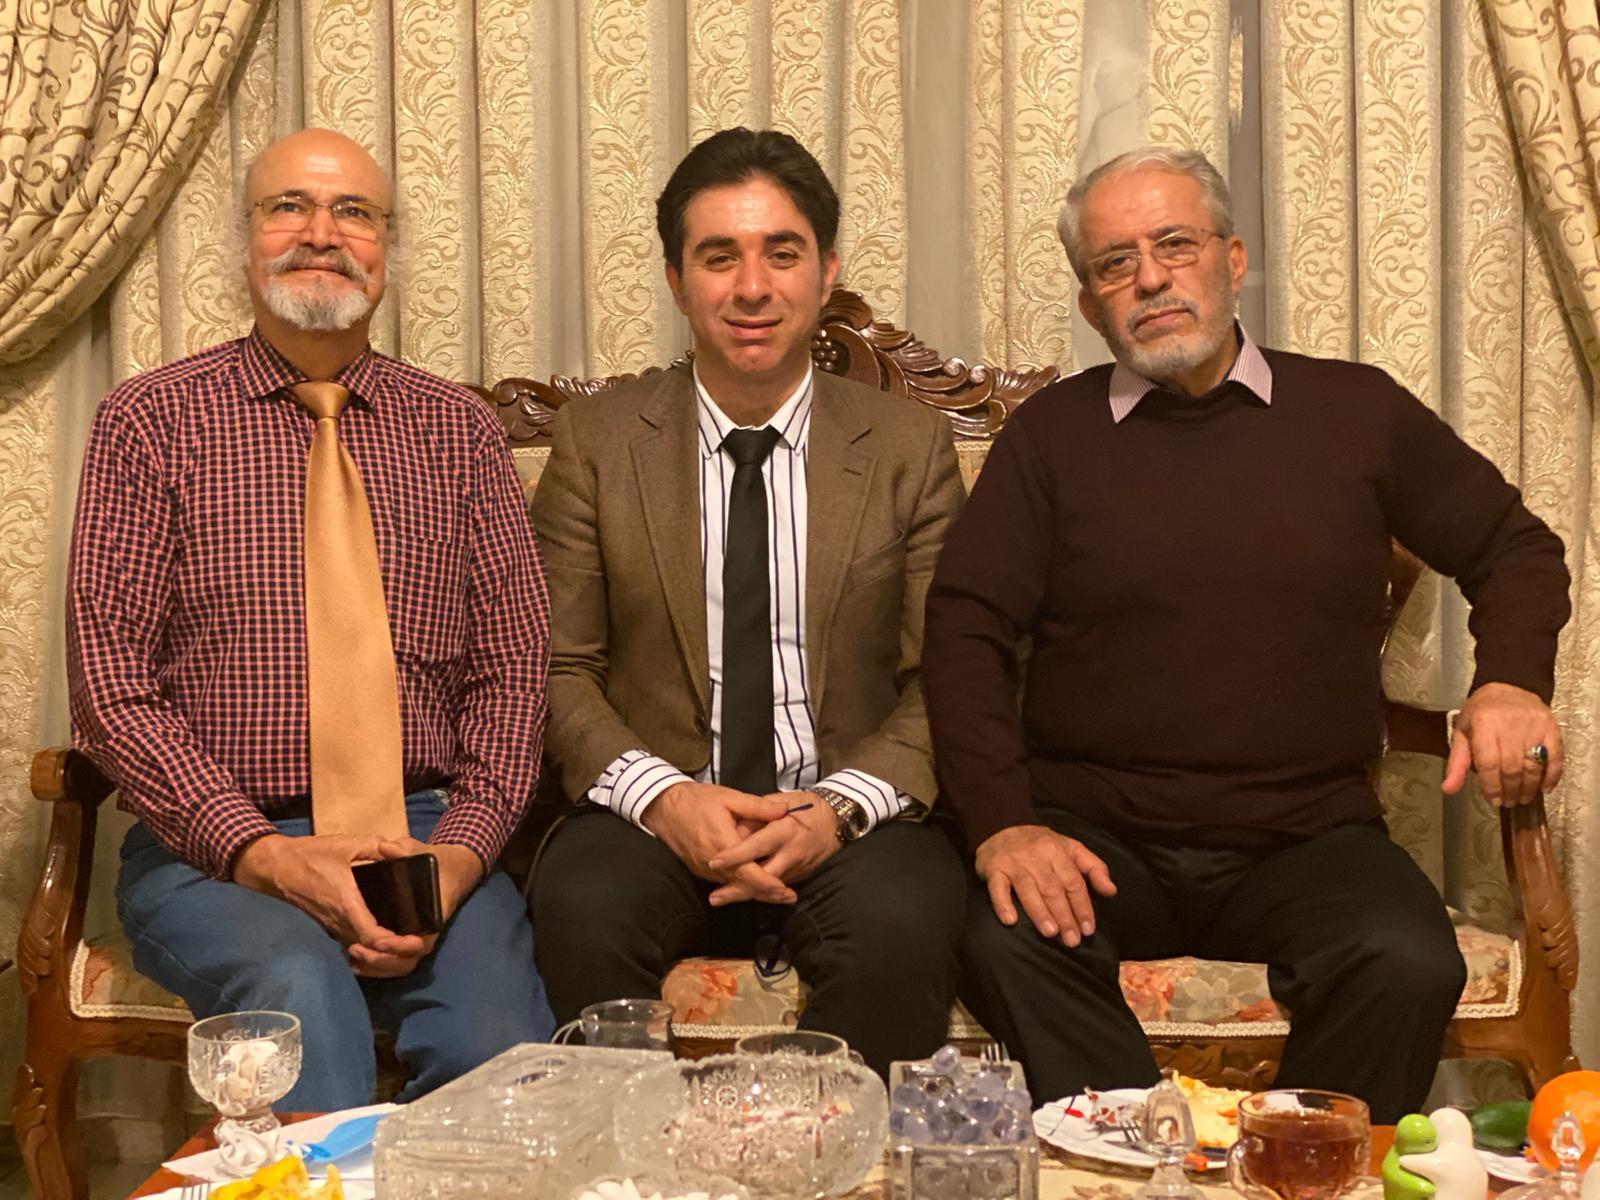 امید دارابی- سیدجلال محمدیان- جهانشاه باباخانی- عبدالرضا رادفر